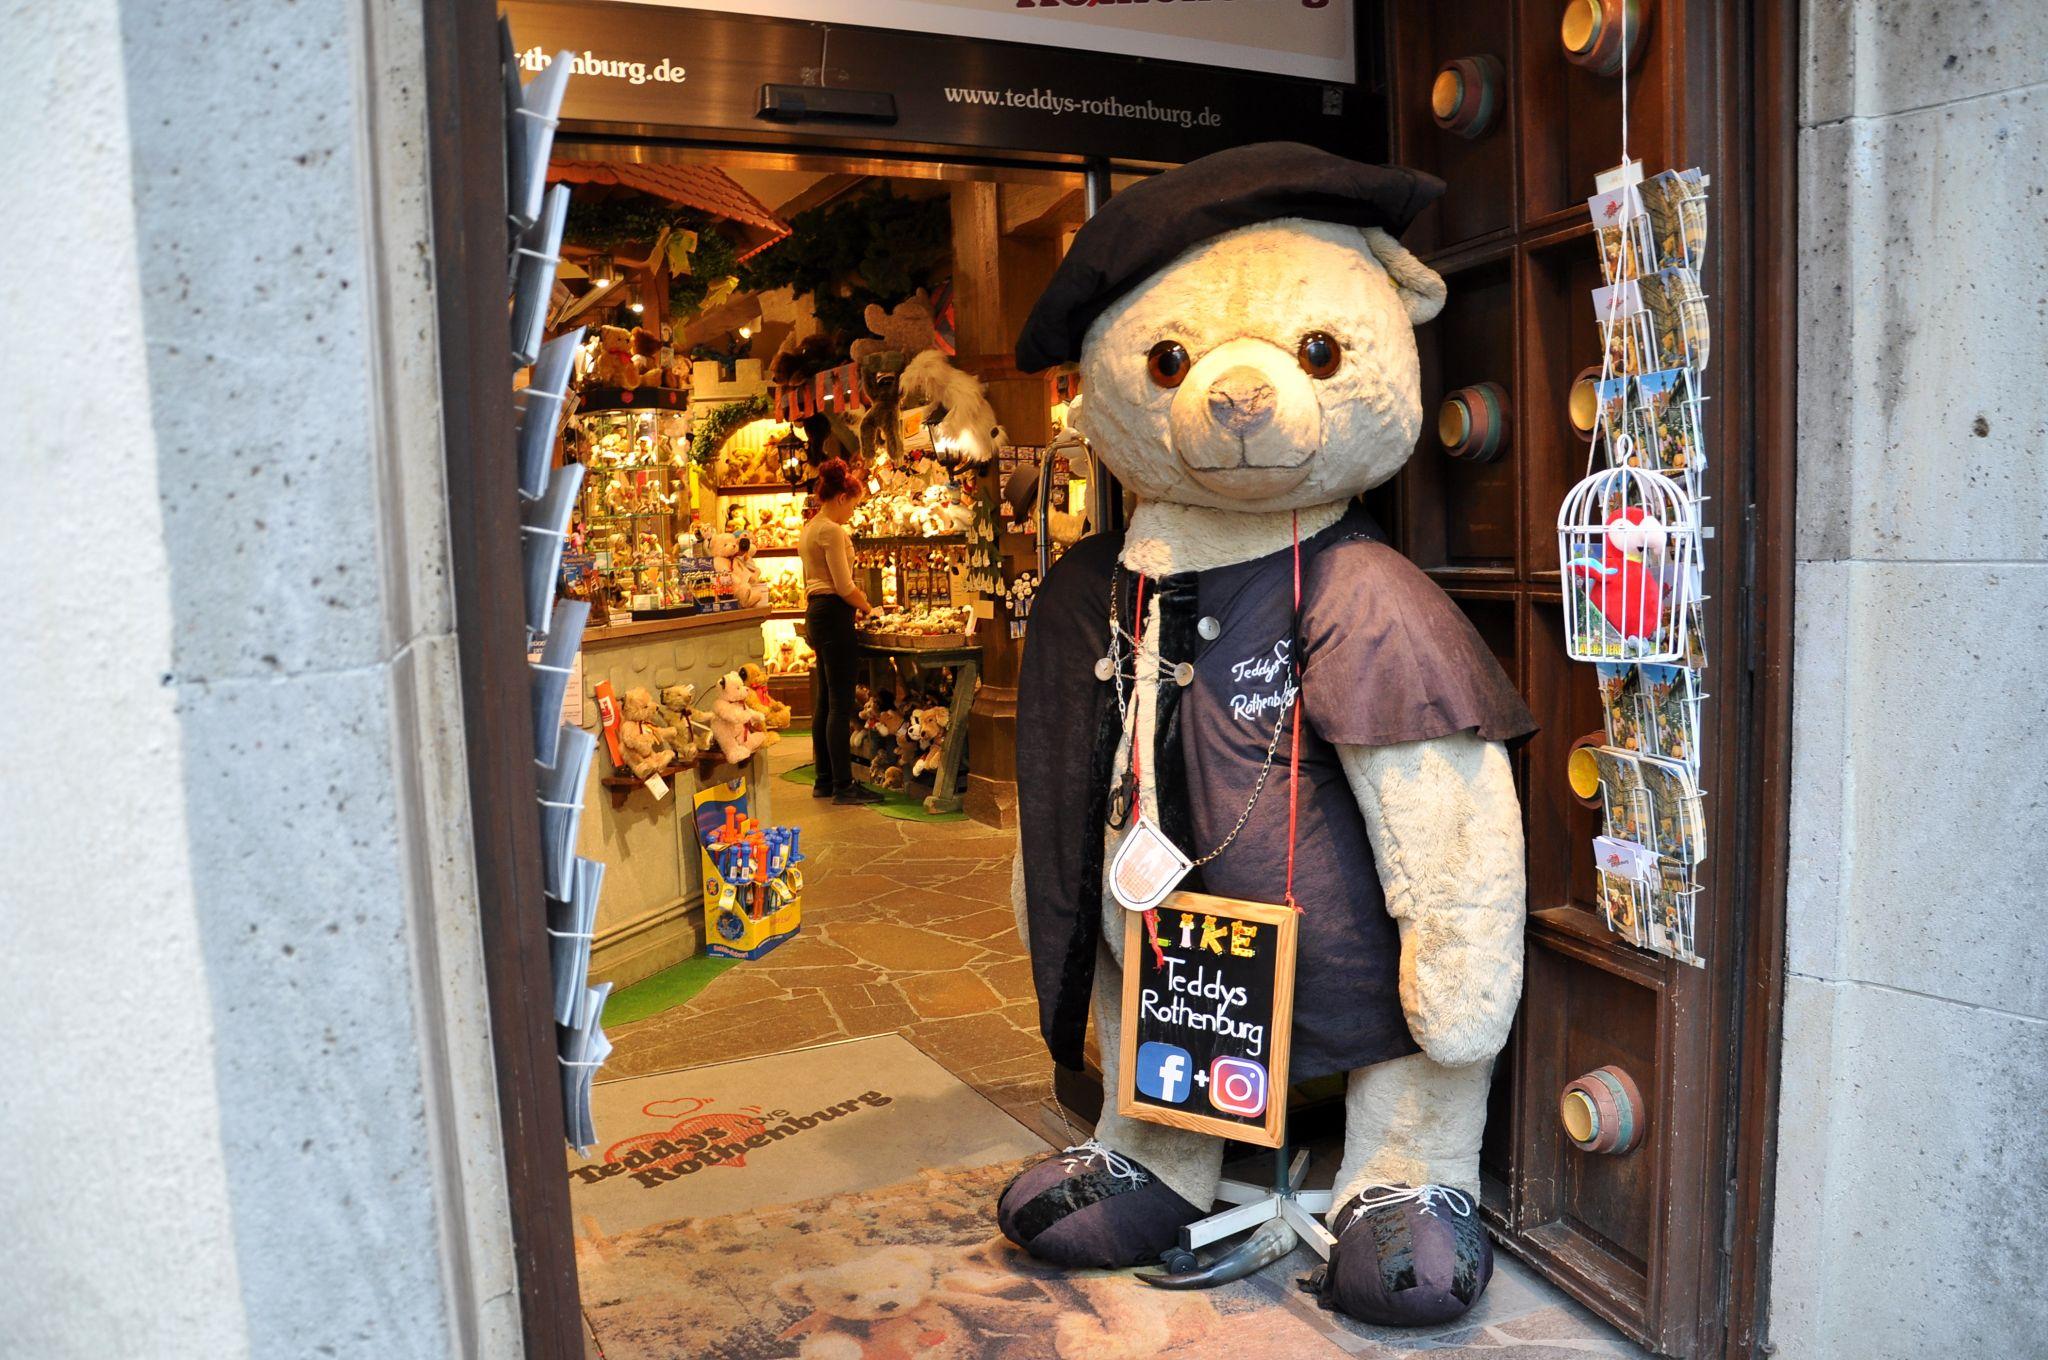 Teddys Rothenburg, Germany